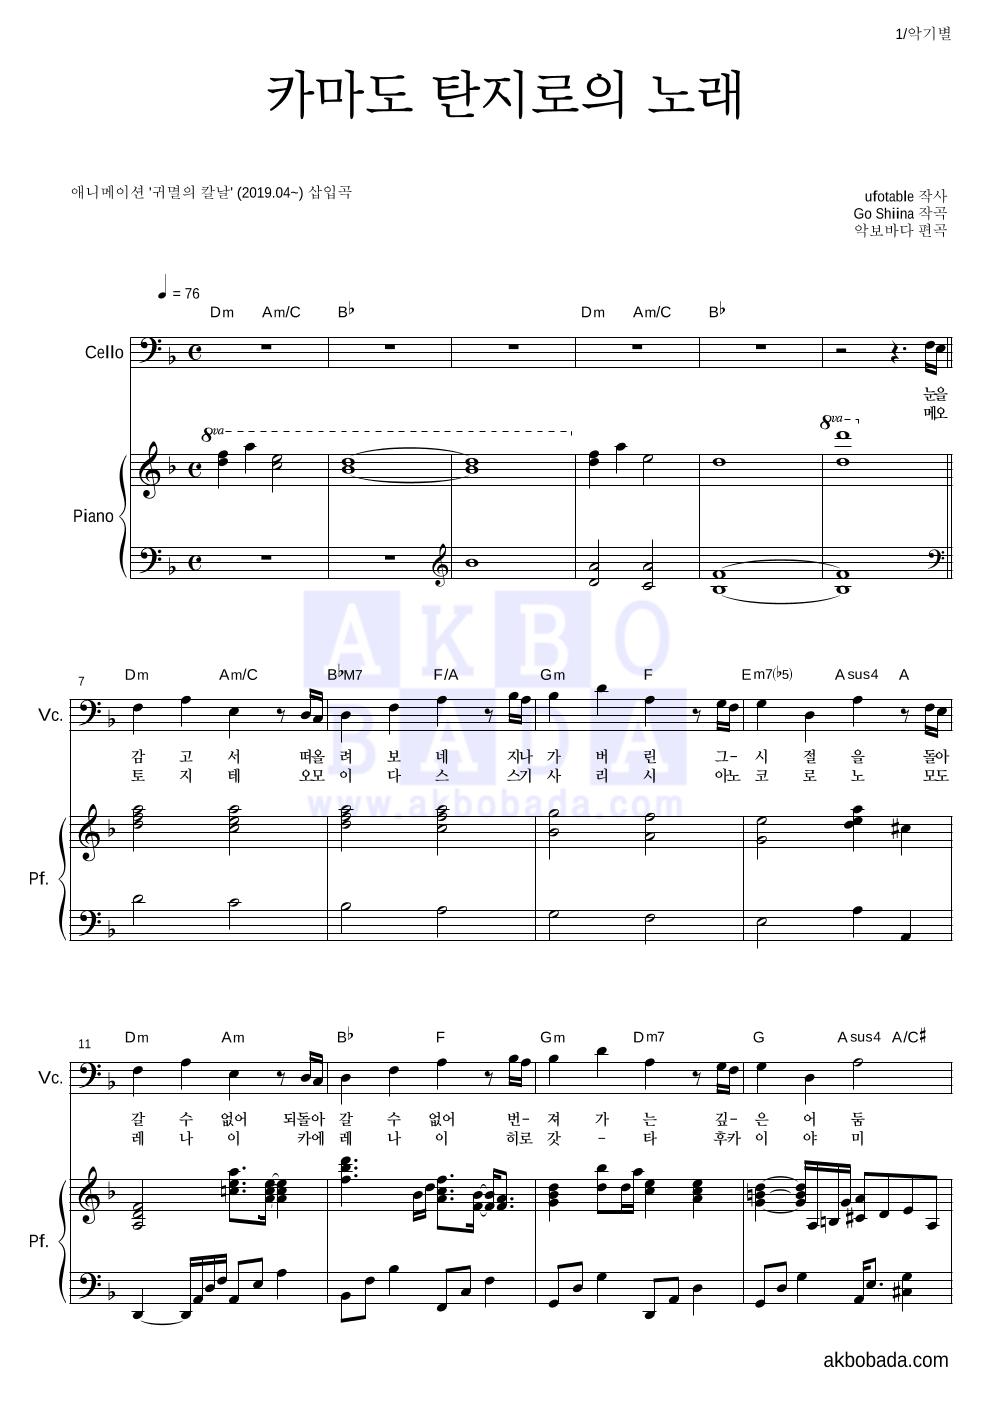 귀멸의 칼날 OST - 카마도 탄지로의 노래 첼로&피아노 악보